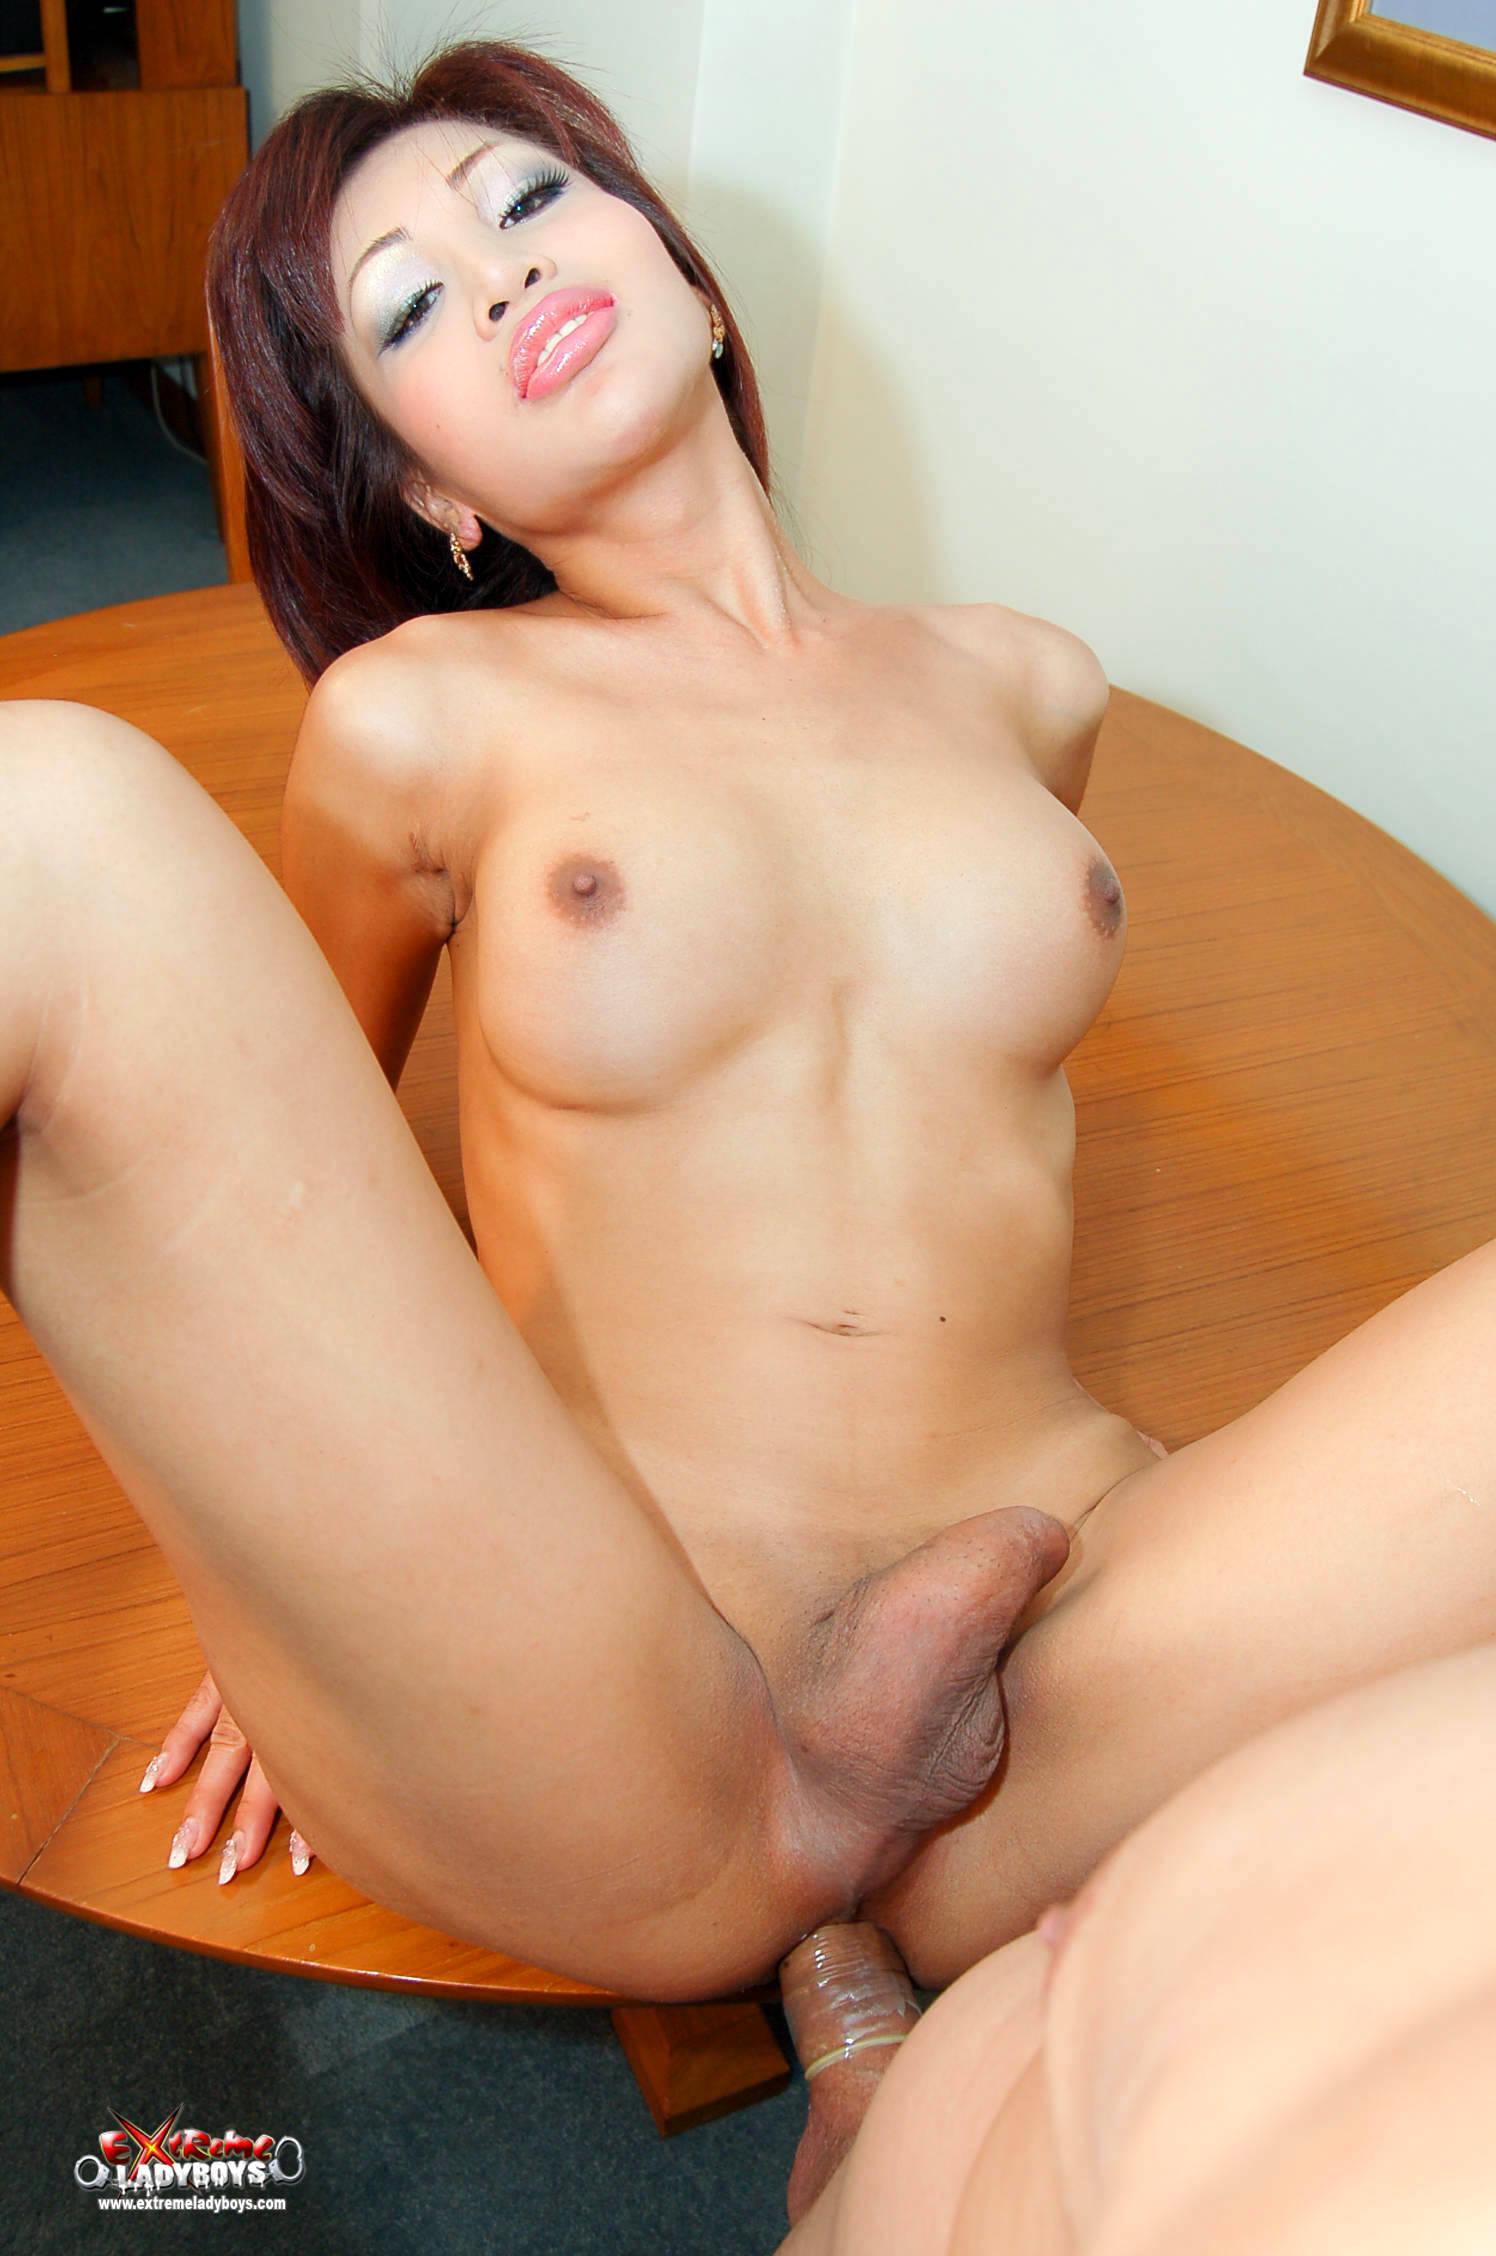 Depraved Asian Tgirl Bitch Getting Her Ass Stuffed